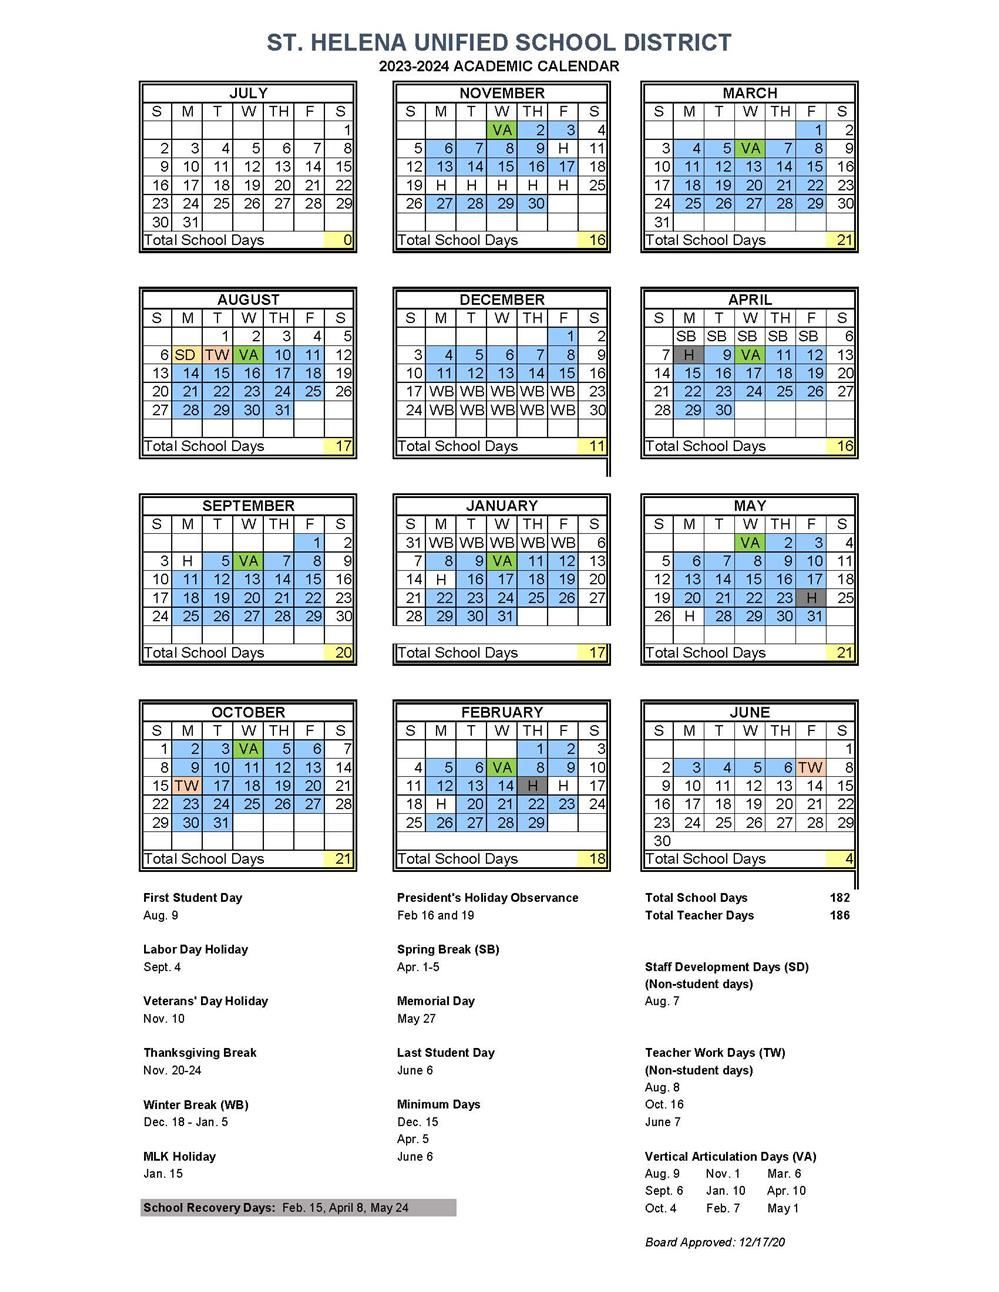 Uc Berkeley 2022 2023 Calendar.Academic Calendar 2023 2024